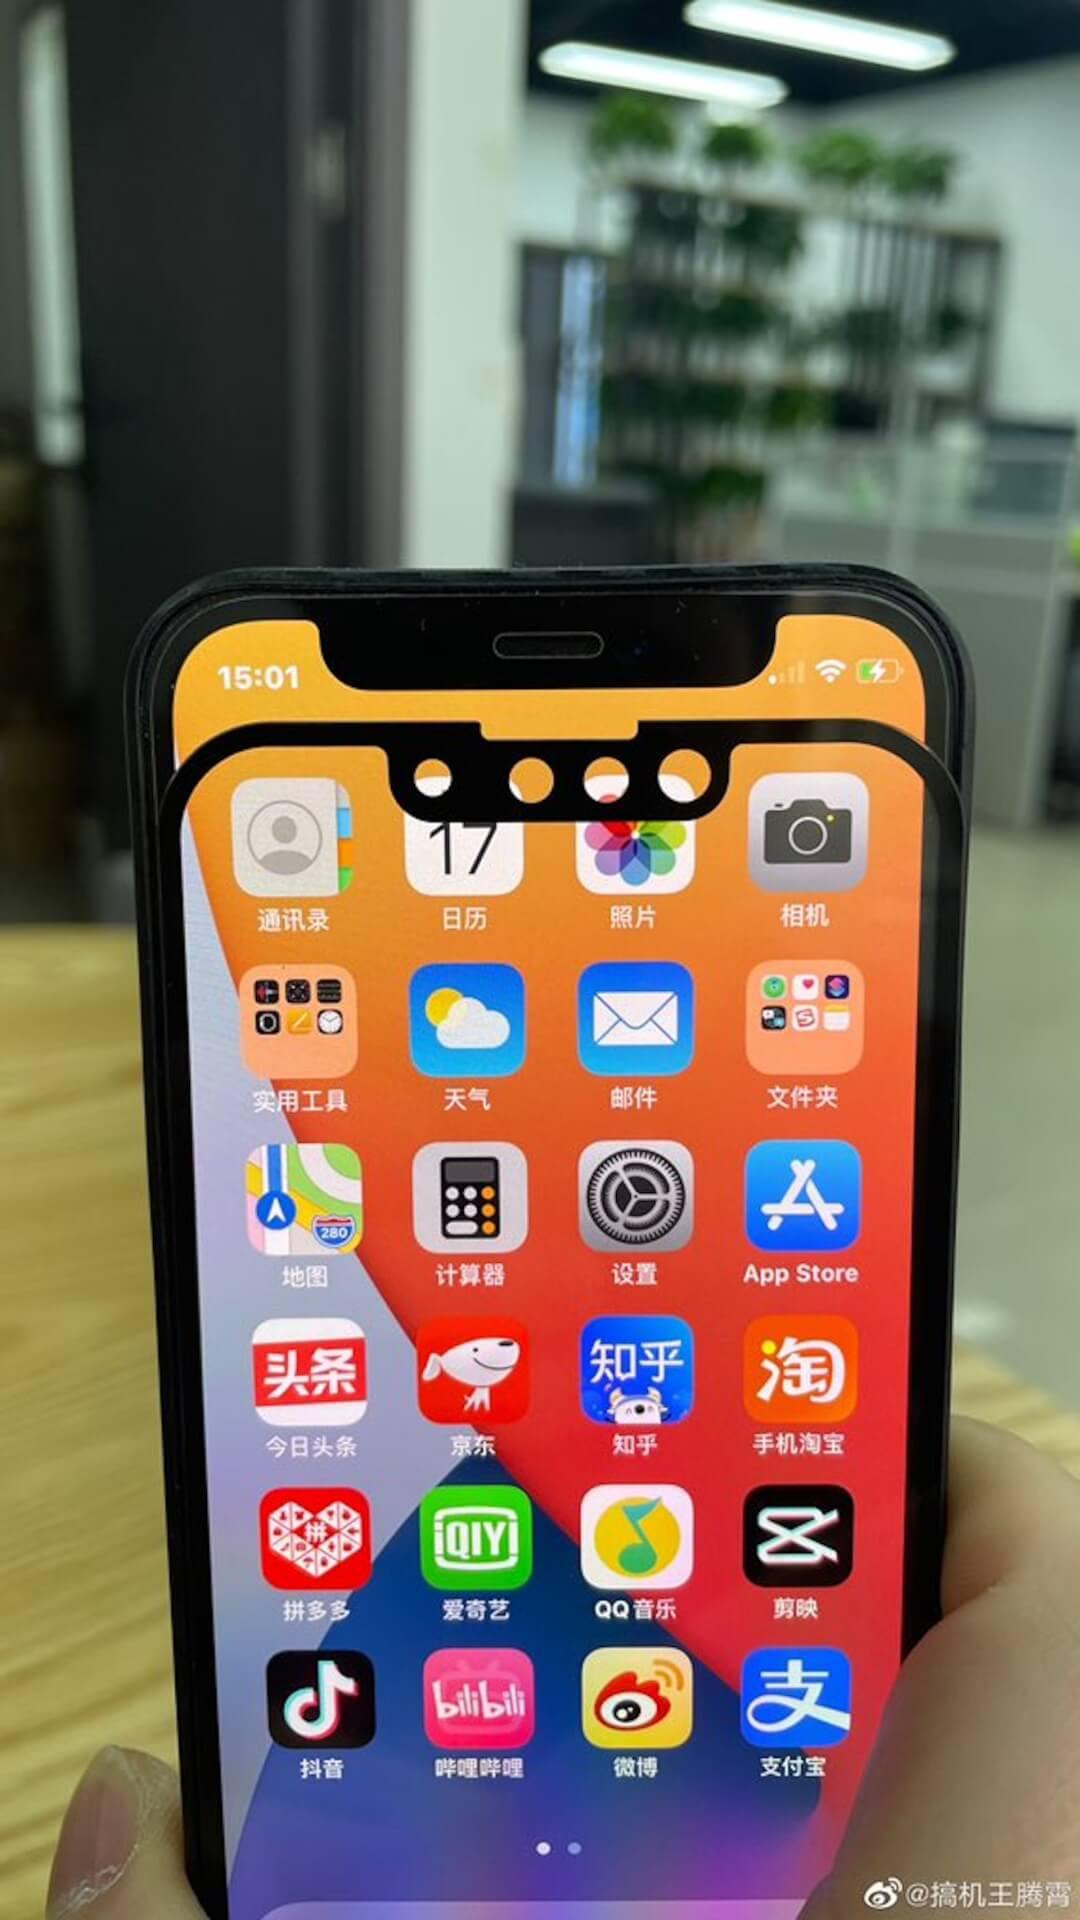 iPhone 13シリーズのディスプレイフィルムの画像が新たにリーク!?ノッチ幅はやはり狭くなる? tech210419_iphone13_1